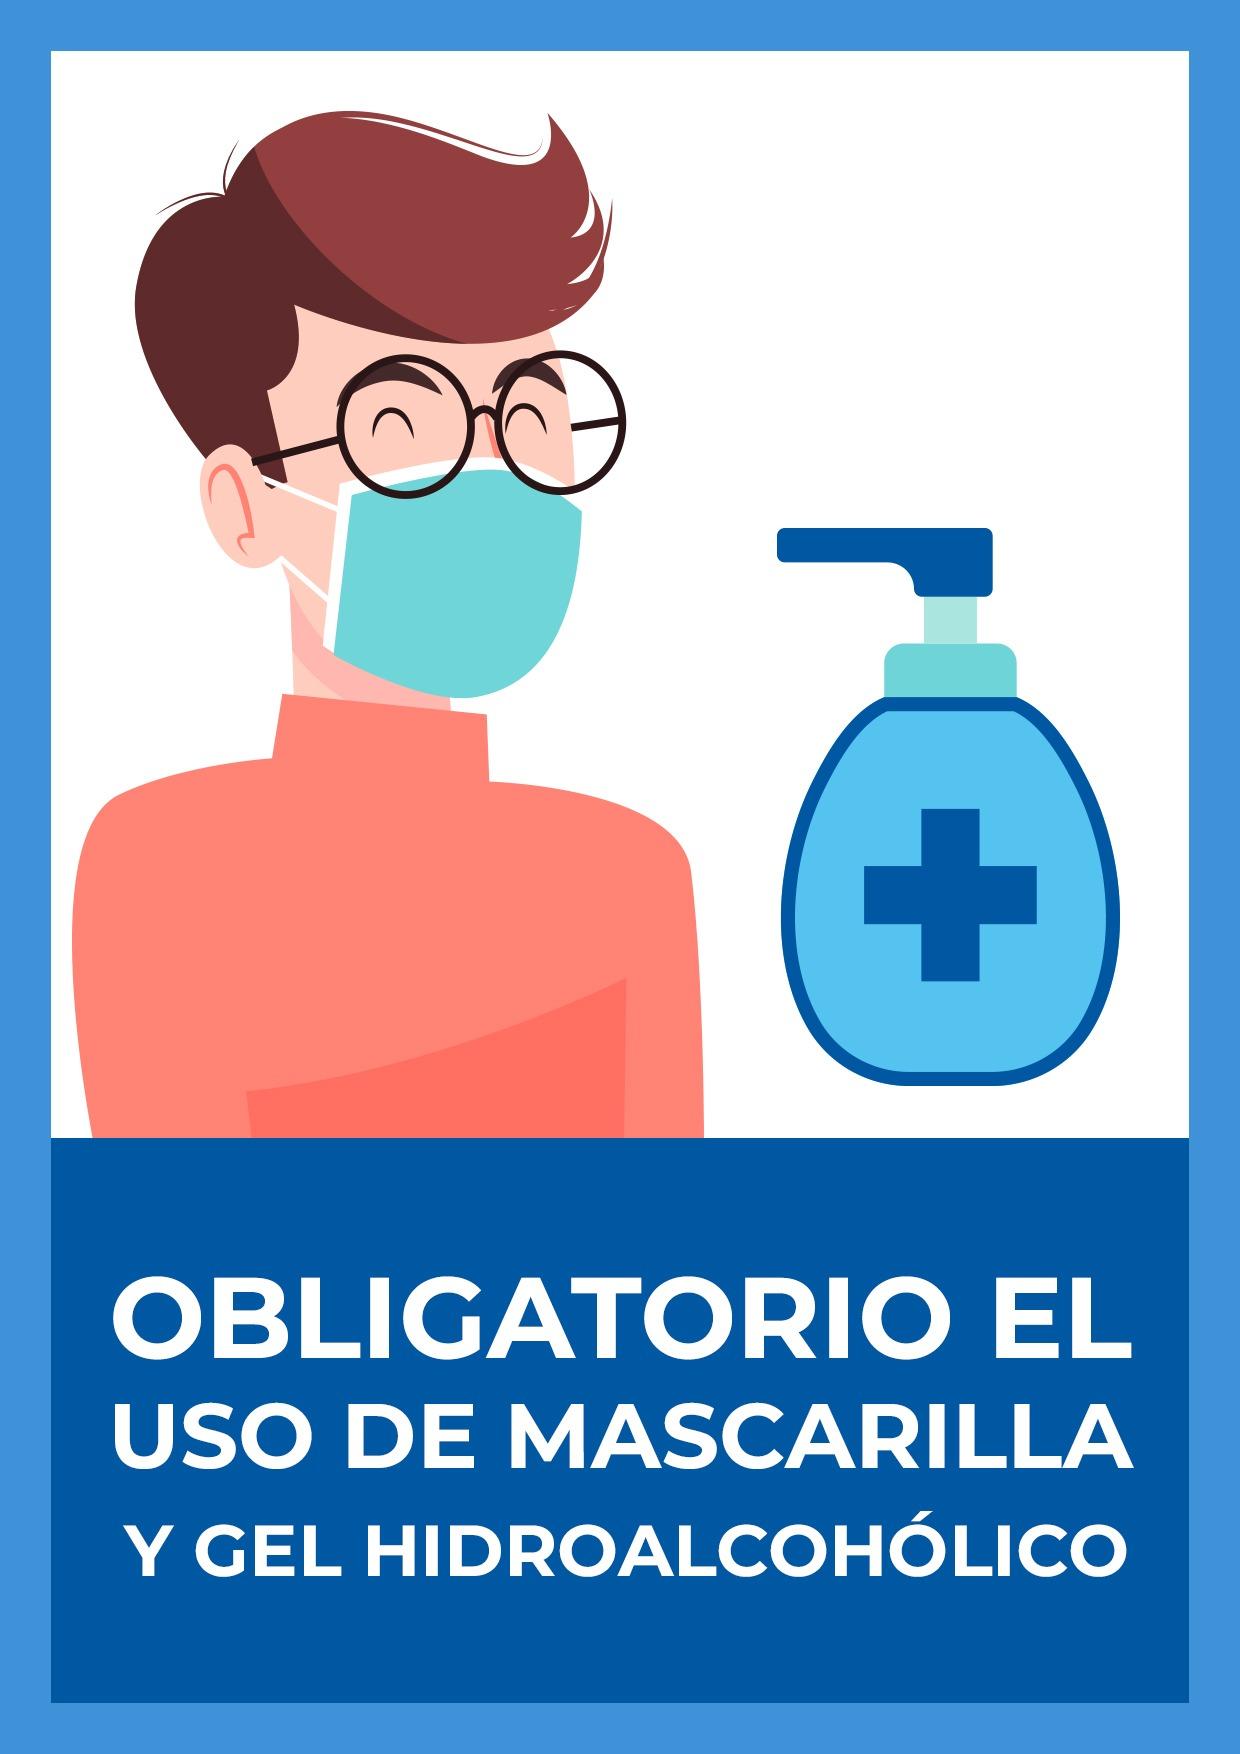 cartel uso obligatorio mascarilla y gel para imprimir 1